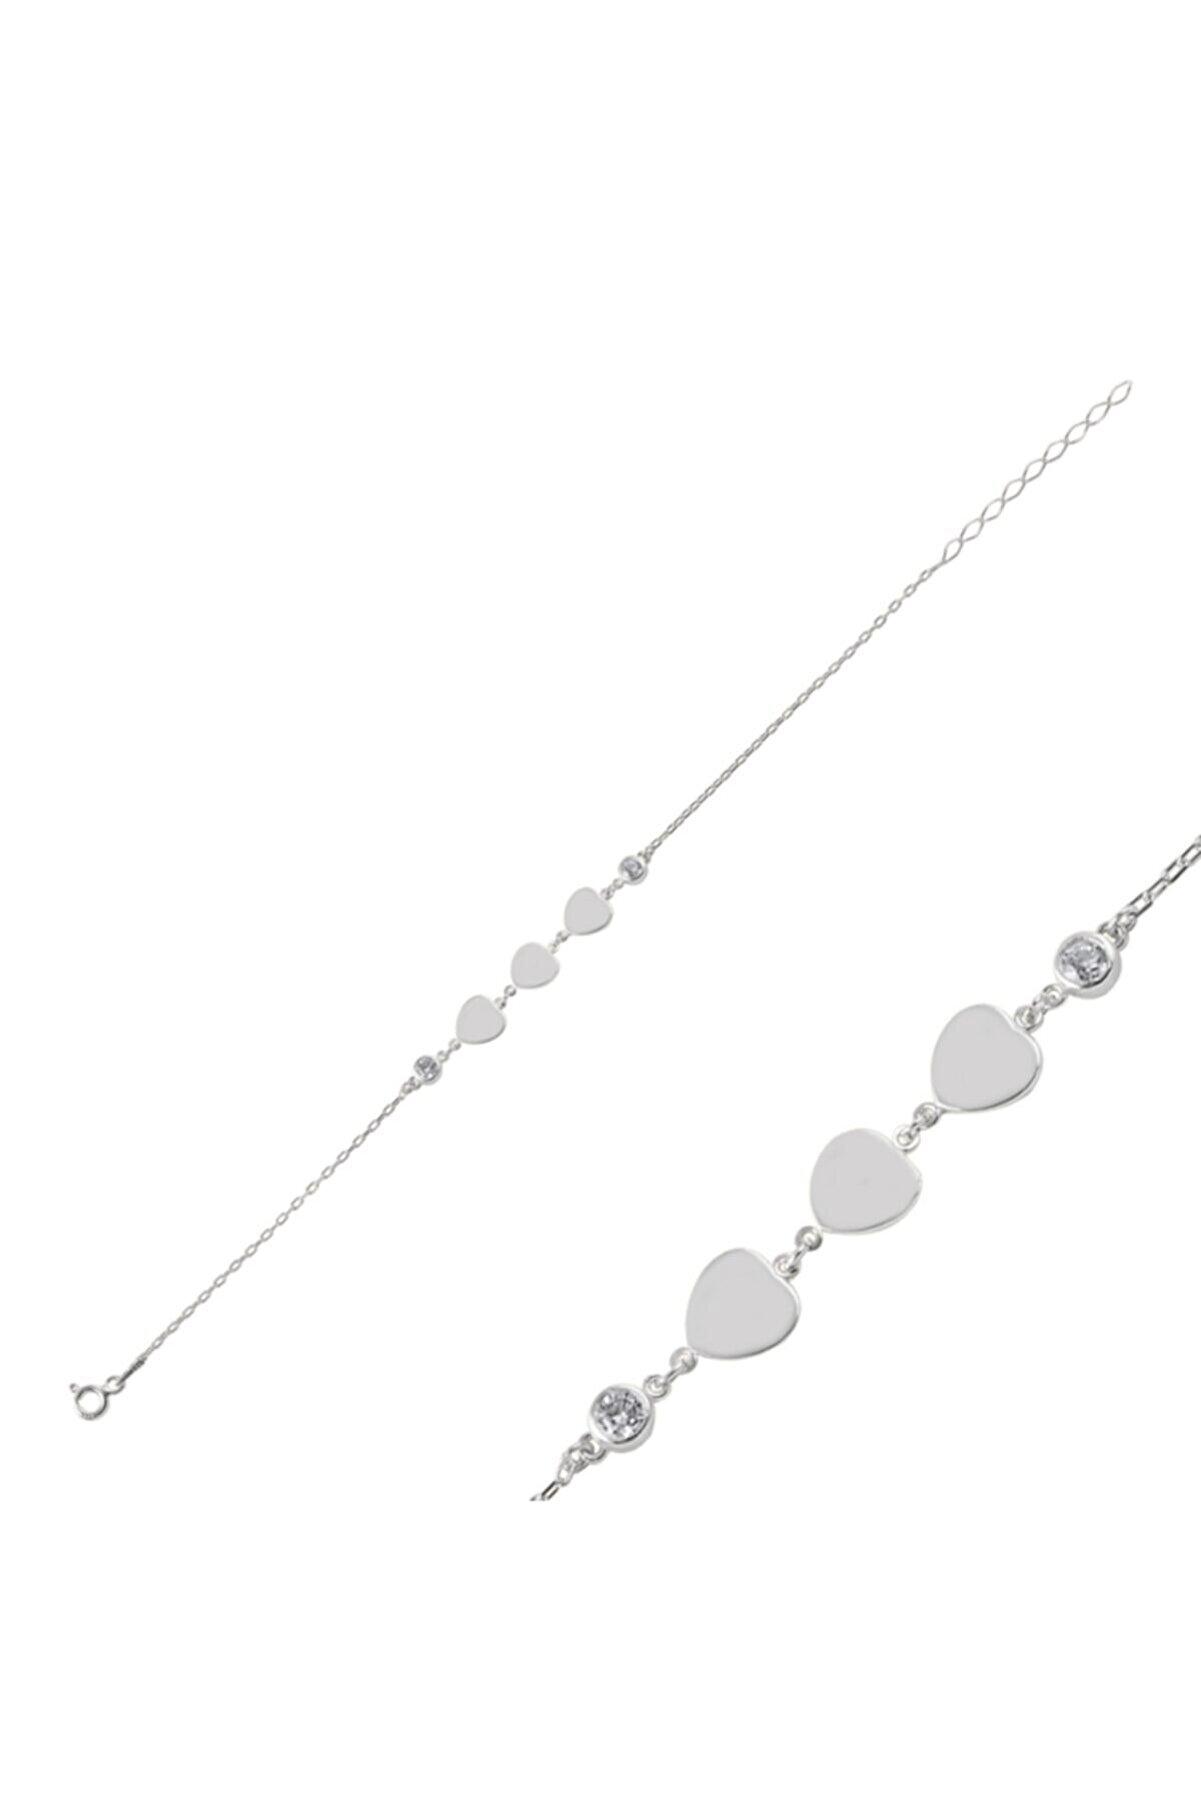 Kutaydan Kadın Gümüş 925 Ayar Zirkon Taşlı Kalp Bileklik